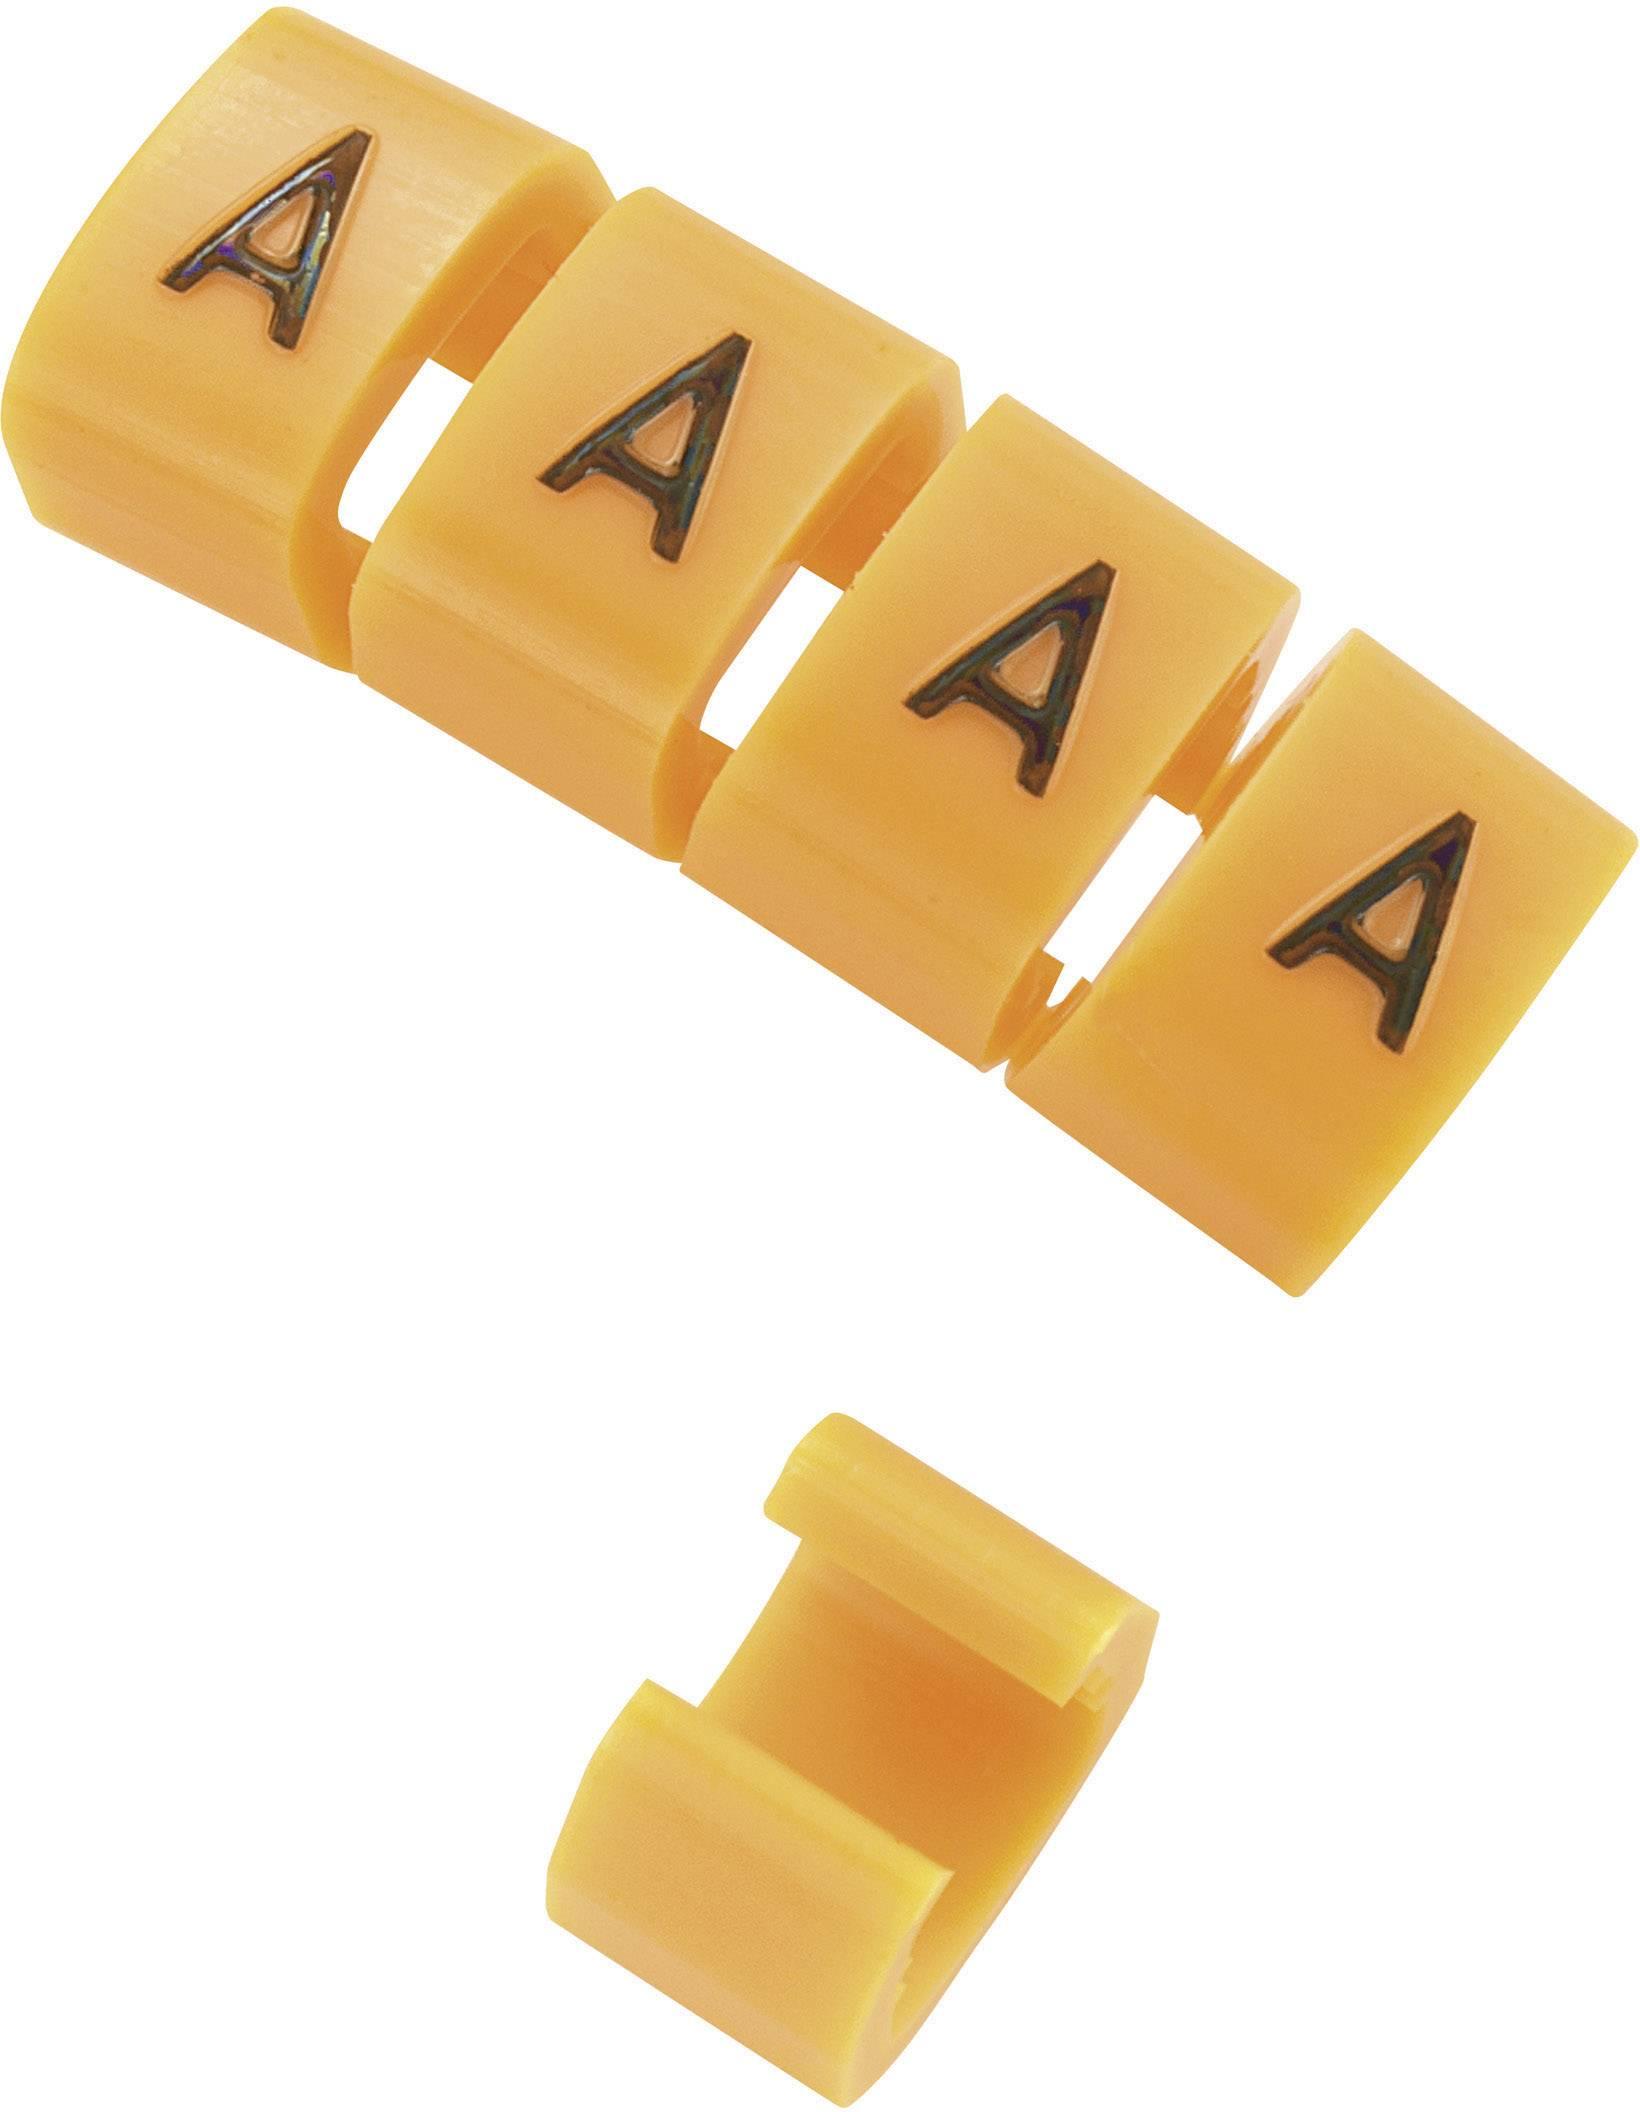 Označovacie objímka na káble KSS MB2/C, oranžová, 10 ks